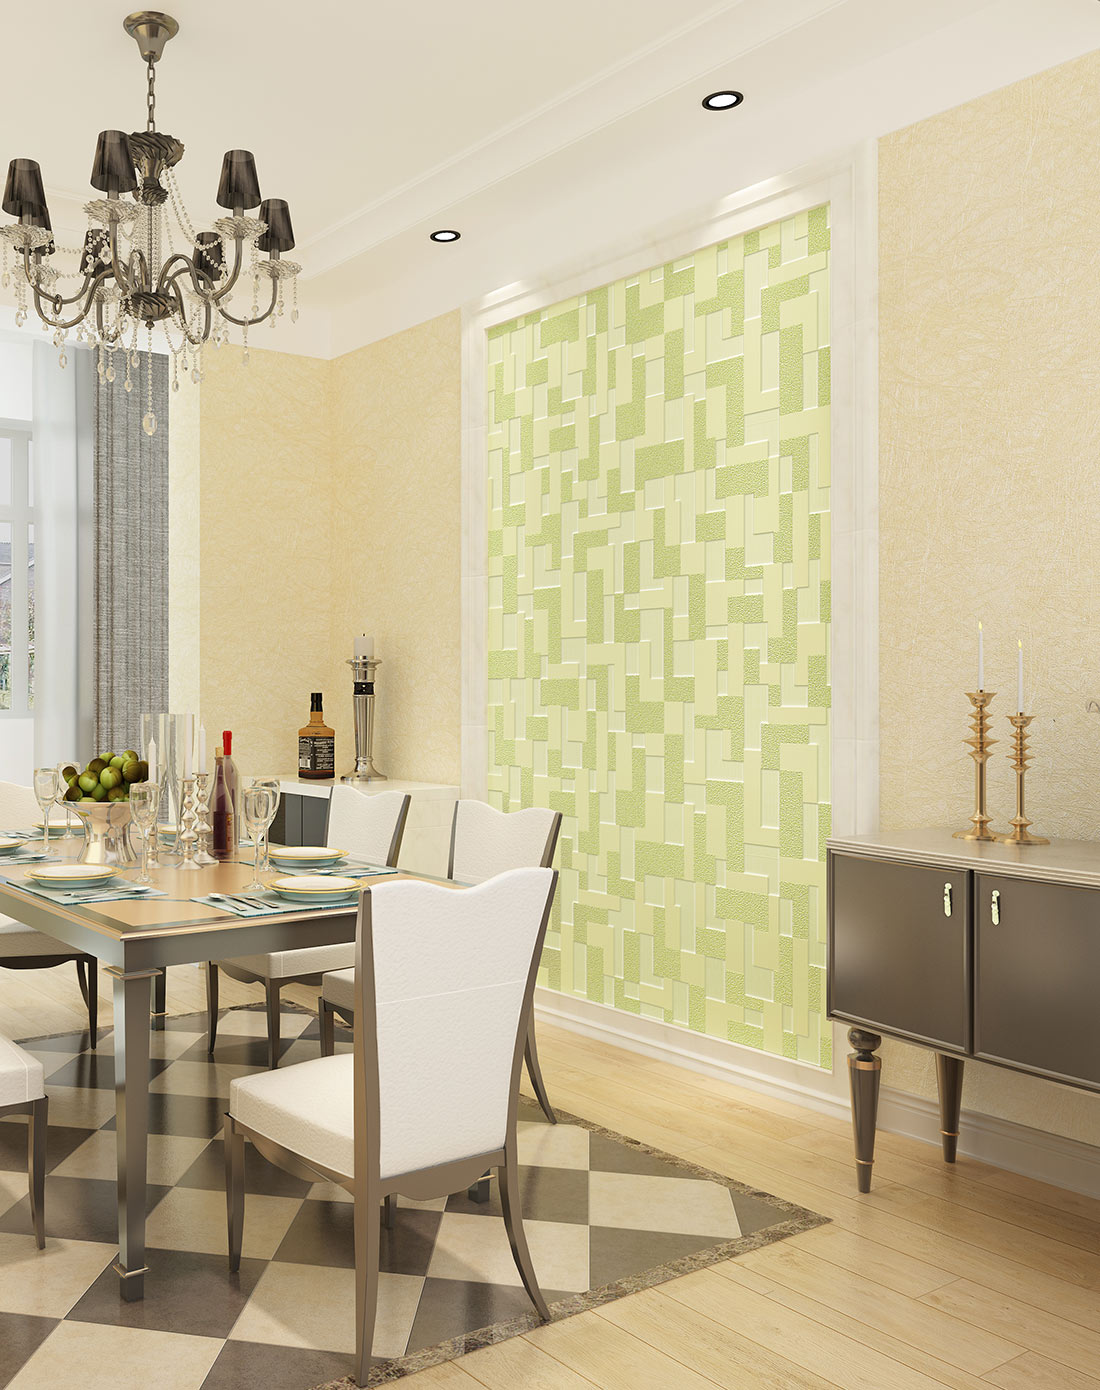 欧式墙纸3d立体蚕丝壁纸 电视背景墙图片